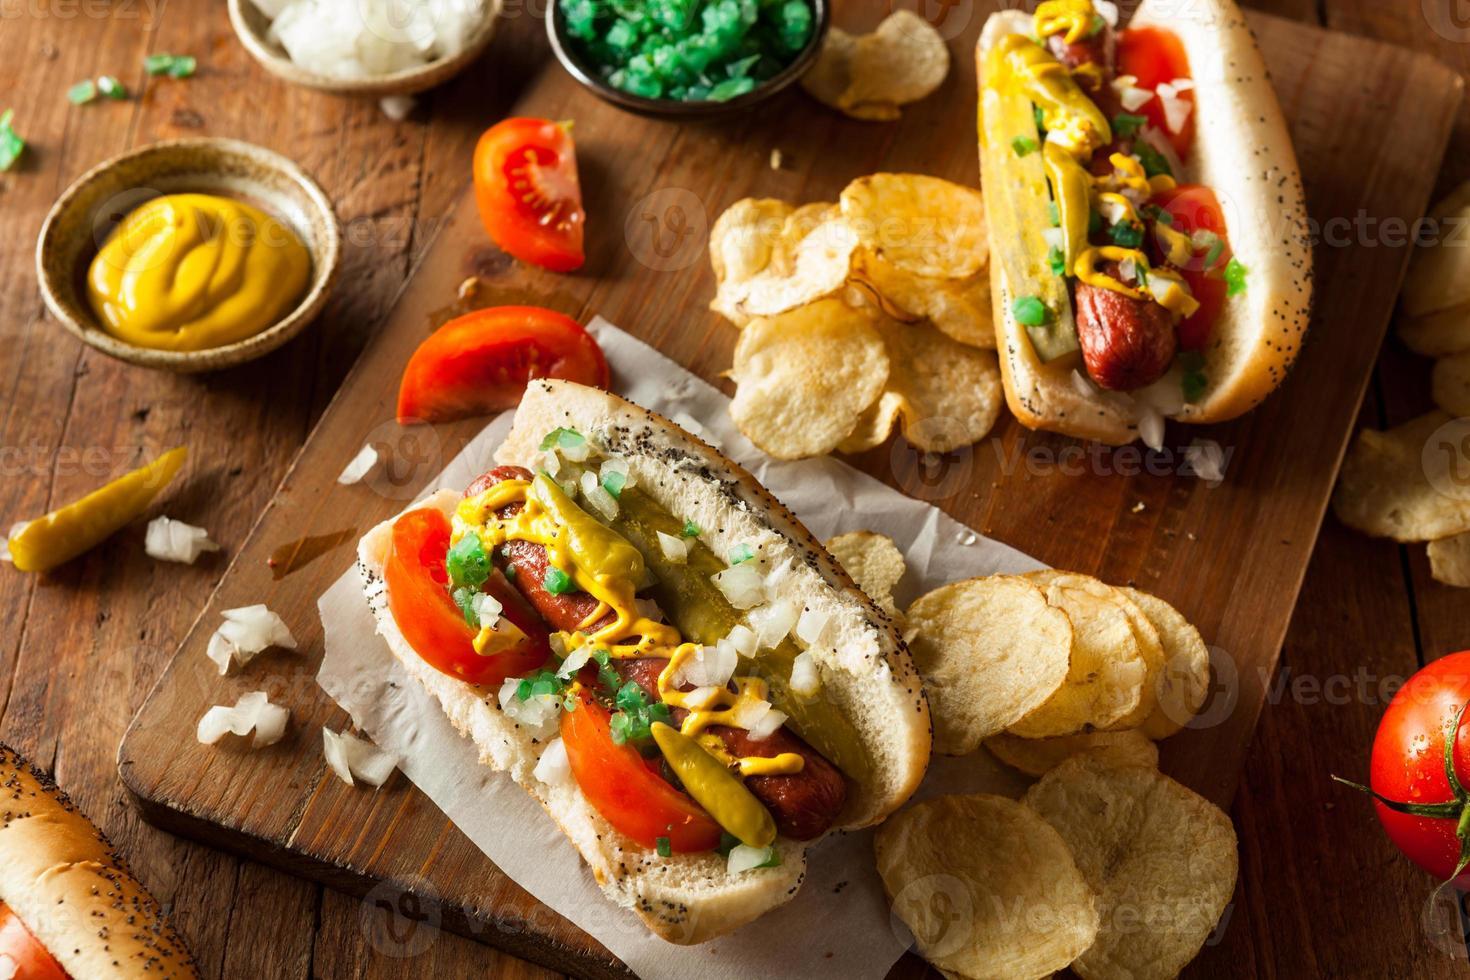 hot dog fatto in casa in stile chicago foto